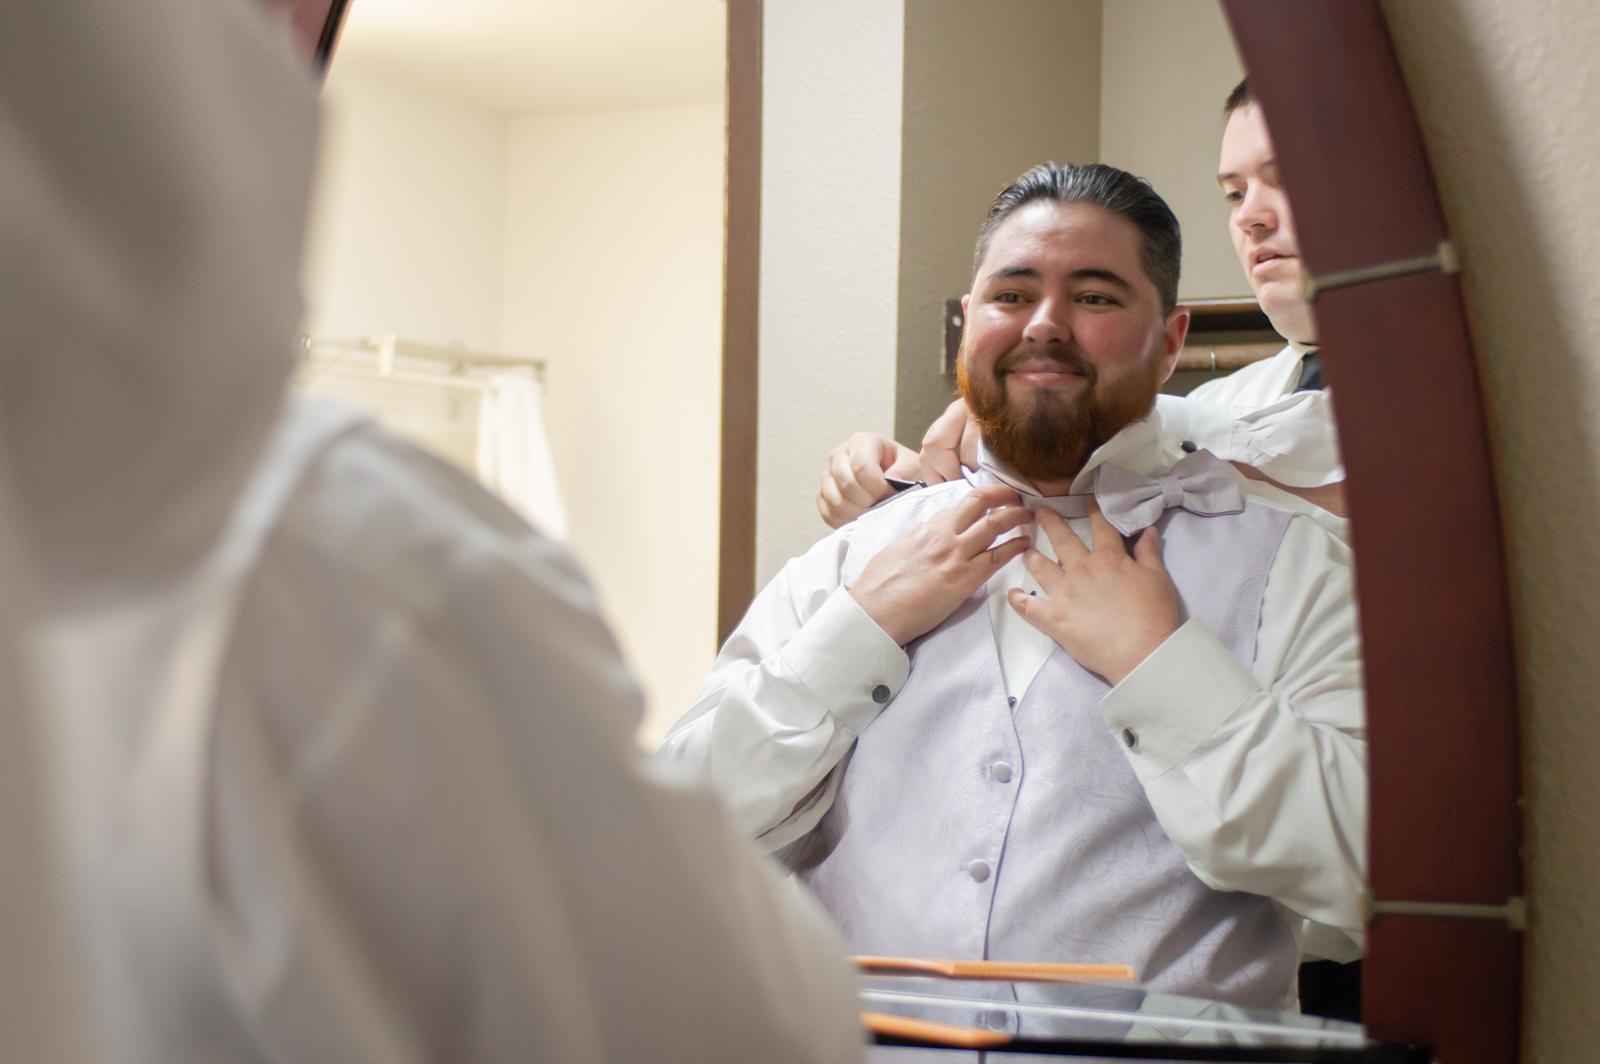 wedding-photography-portland,-oregon-groom-getting-ready